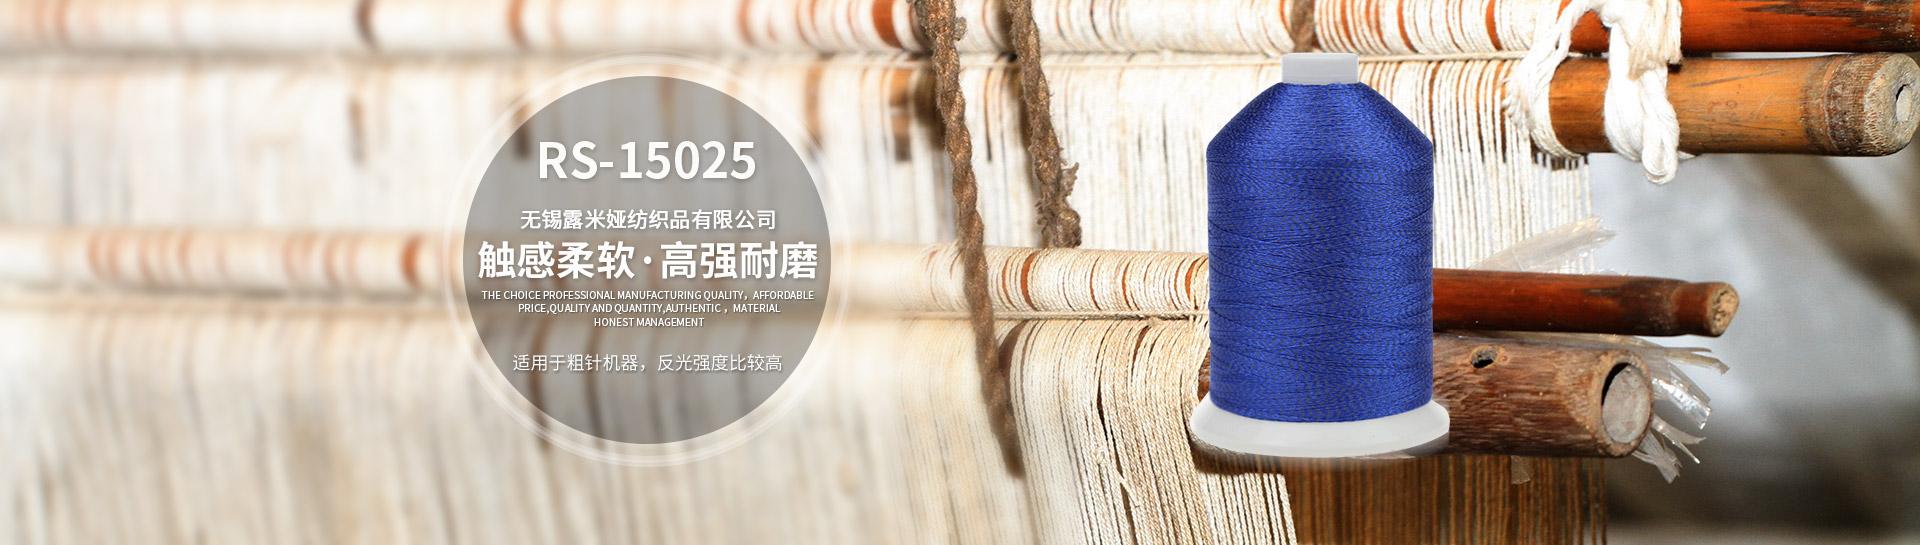 RS-15025反光线